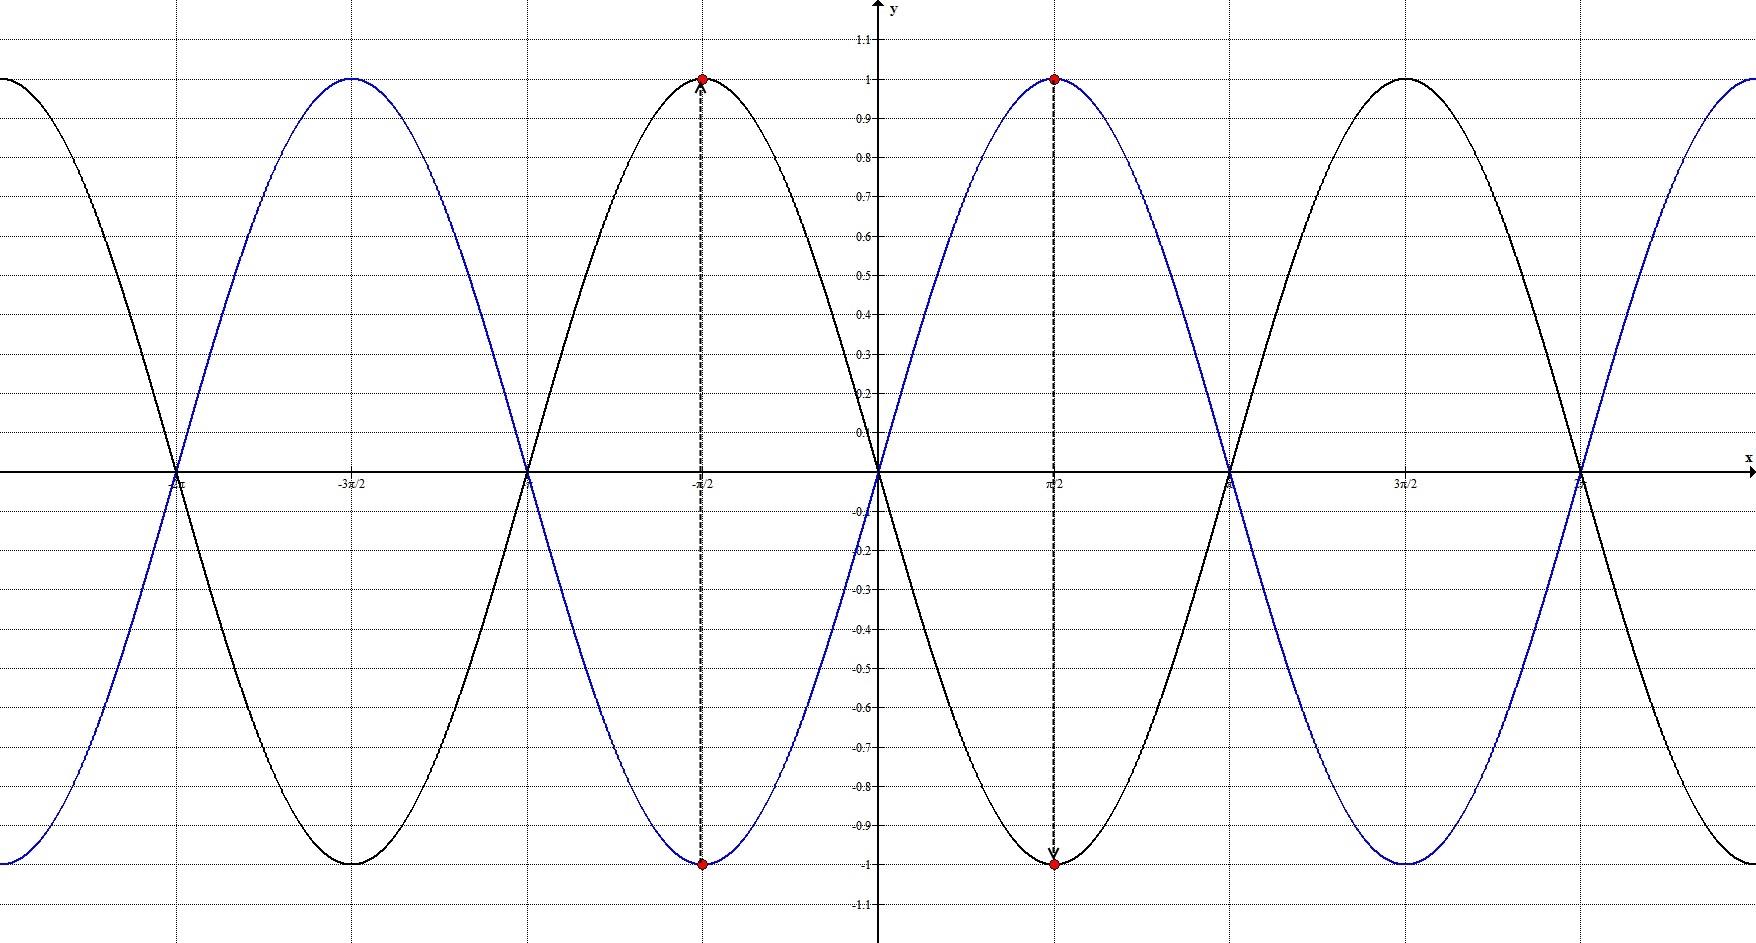 Геометрические преобразования. Общий случай. График 1.